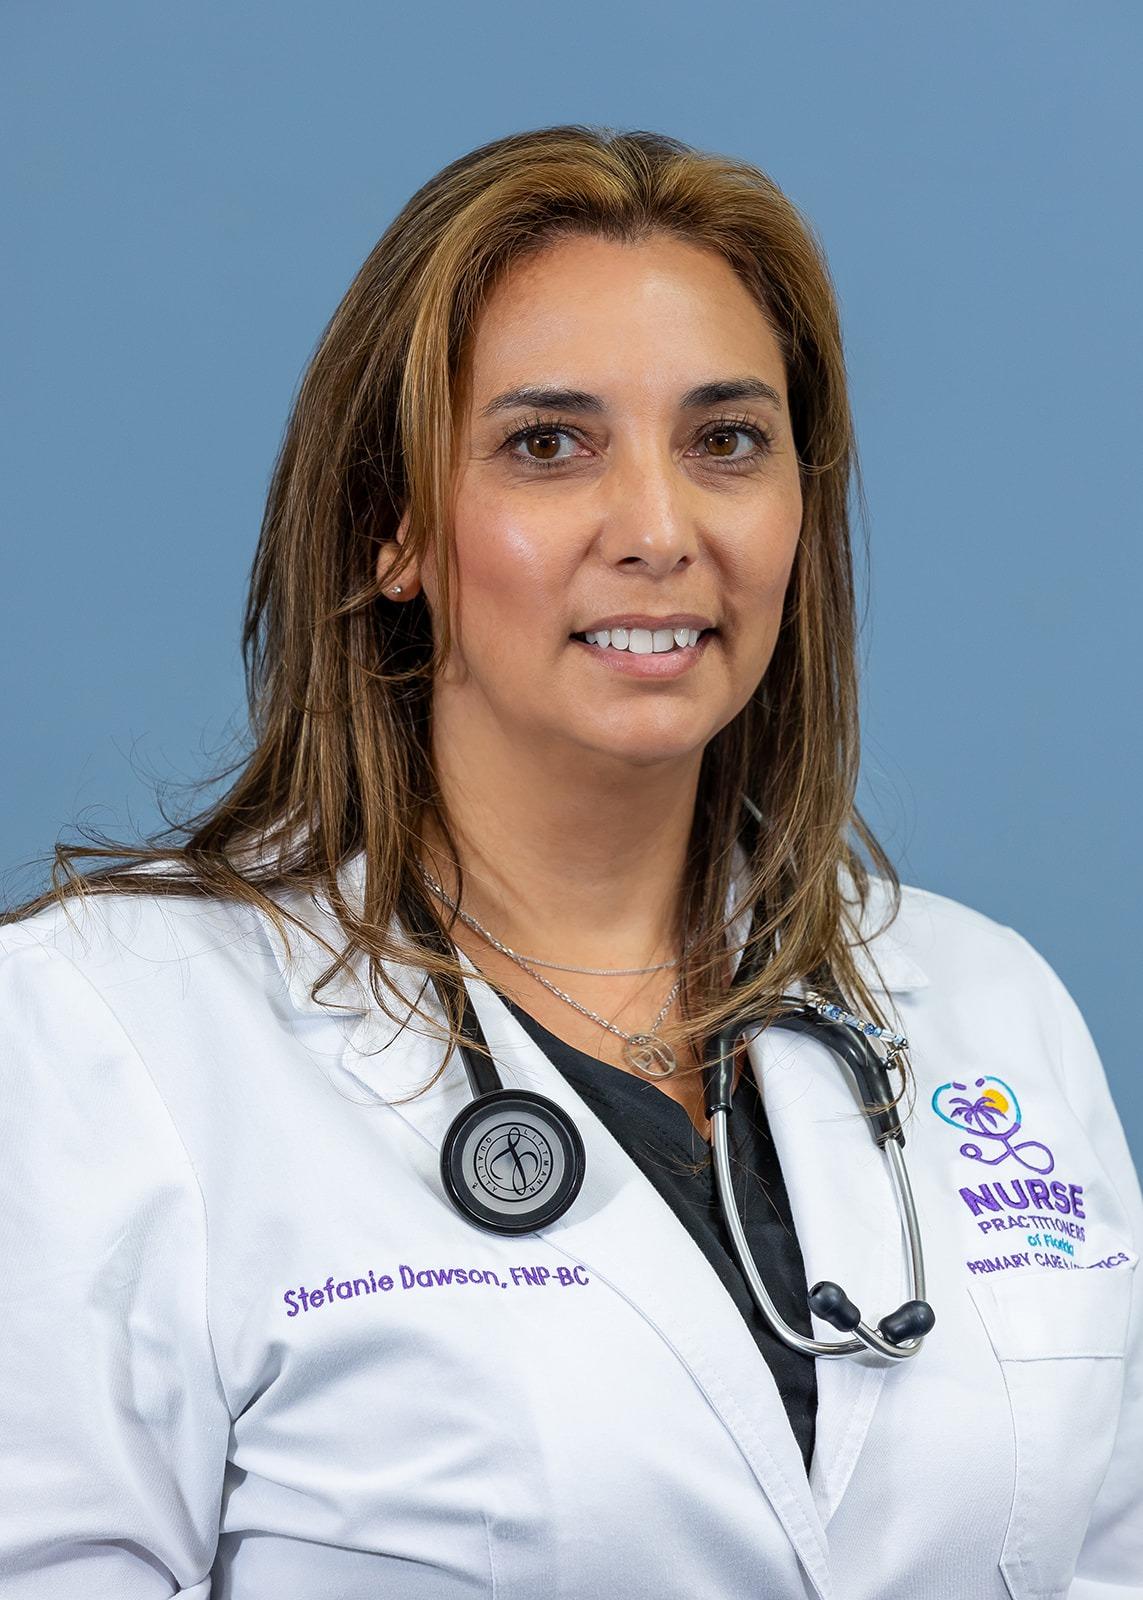 Stefanie Ramirez-Dawson